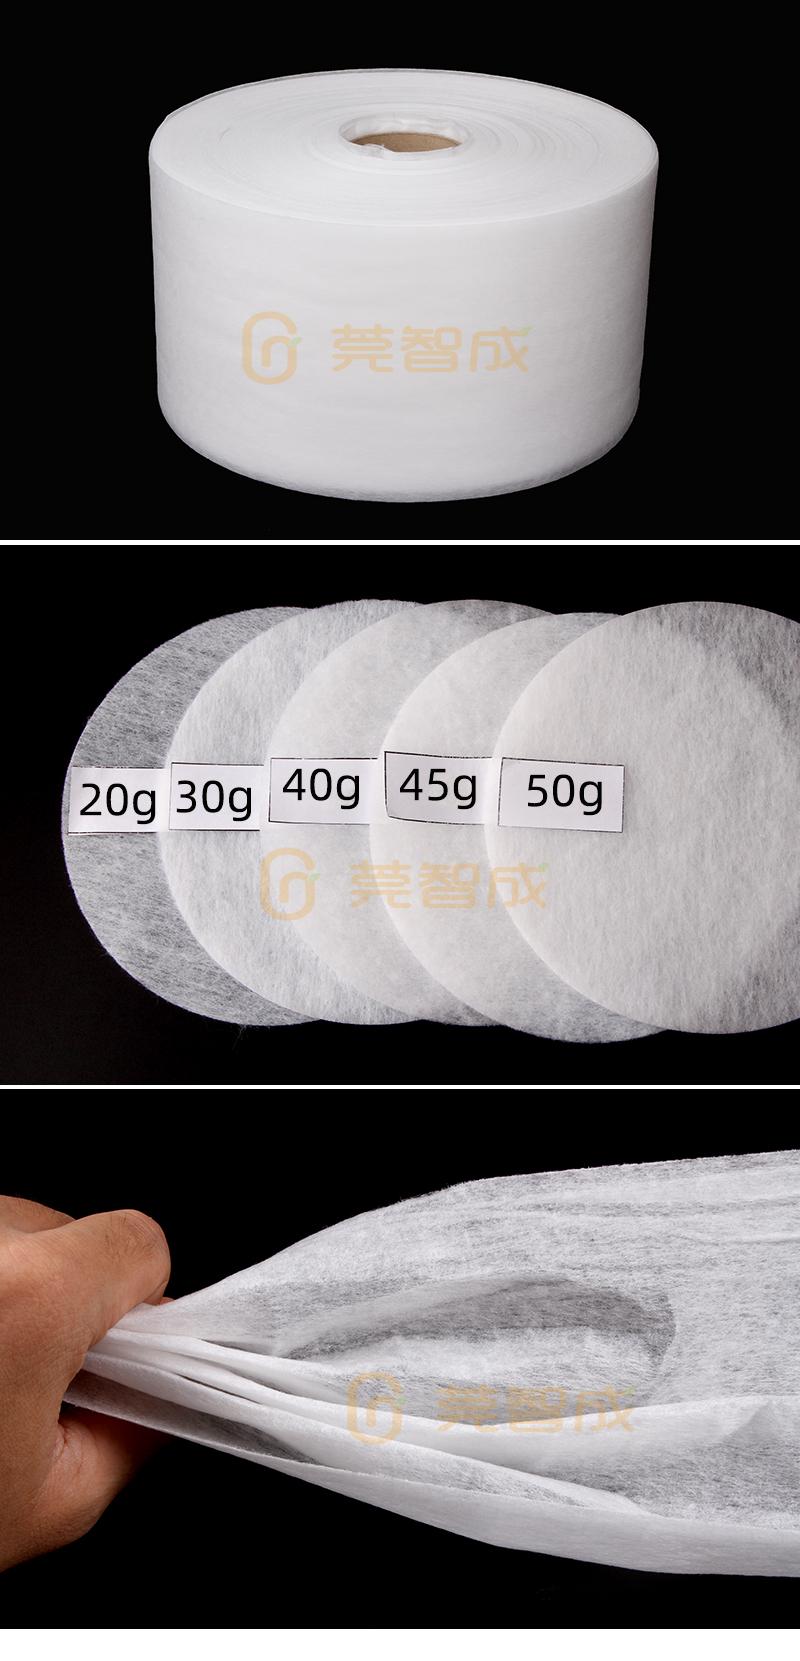 尿不湿蓬松棉尺寸可定制